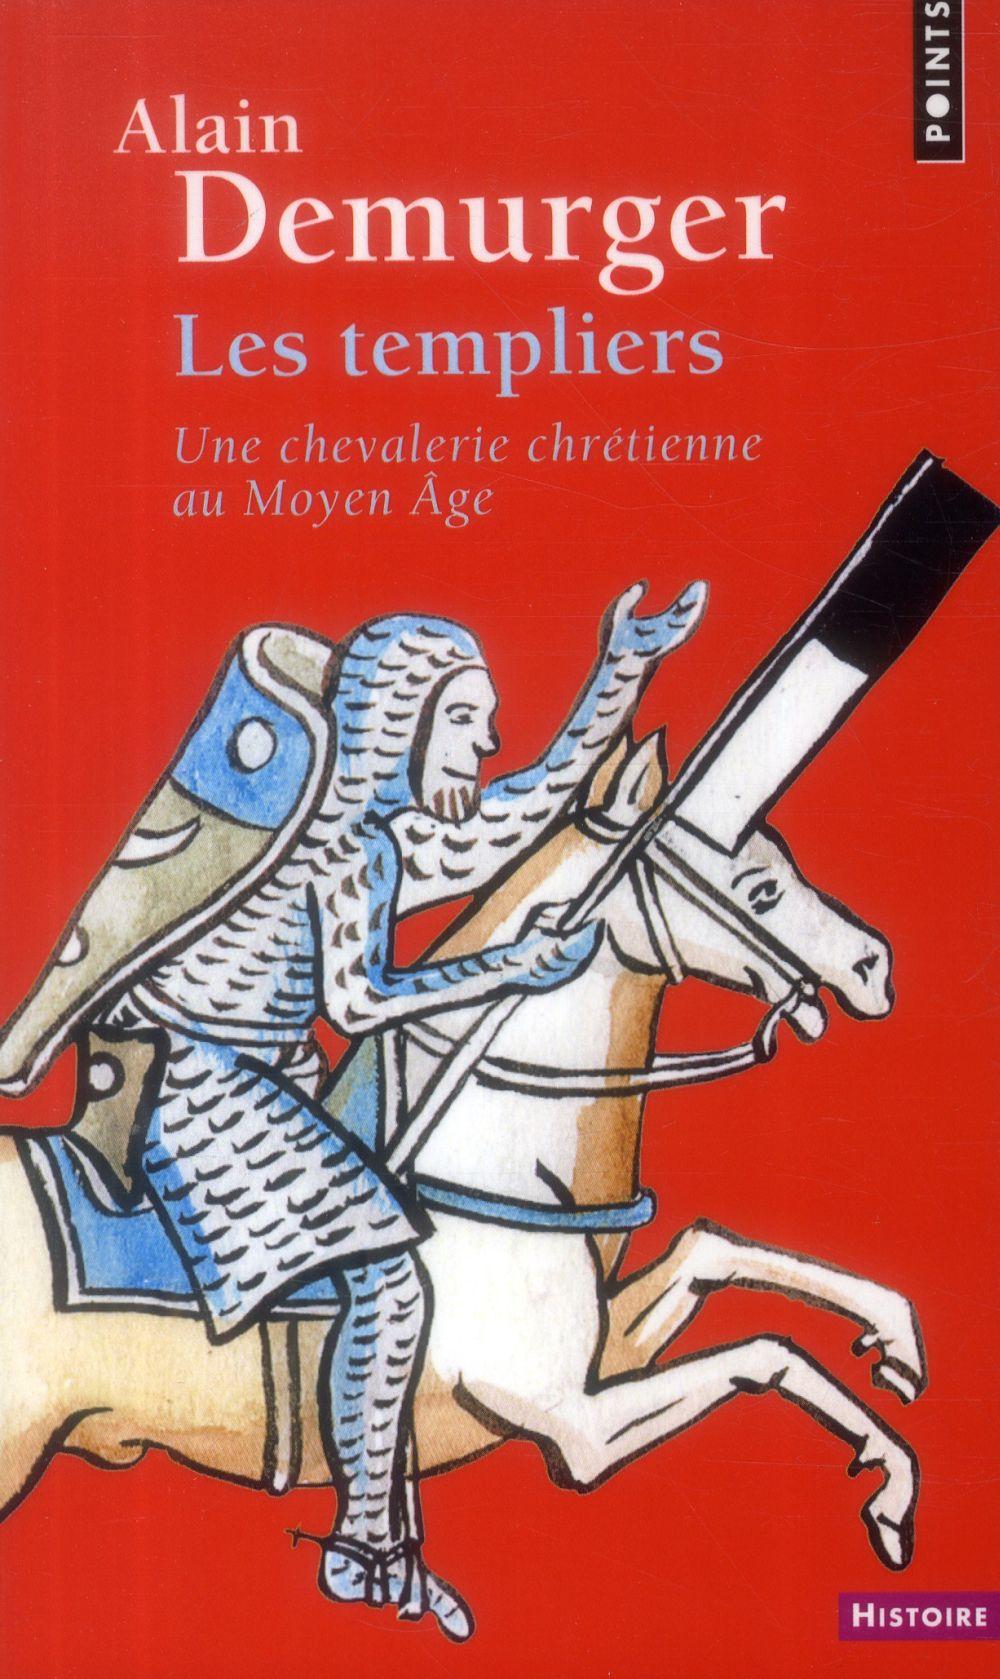 https://webservice-livre.tmic-ellipses.com/couverture/9782757844410.jpg Demurger Alain Points